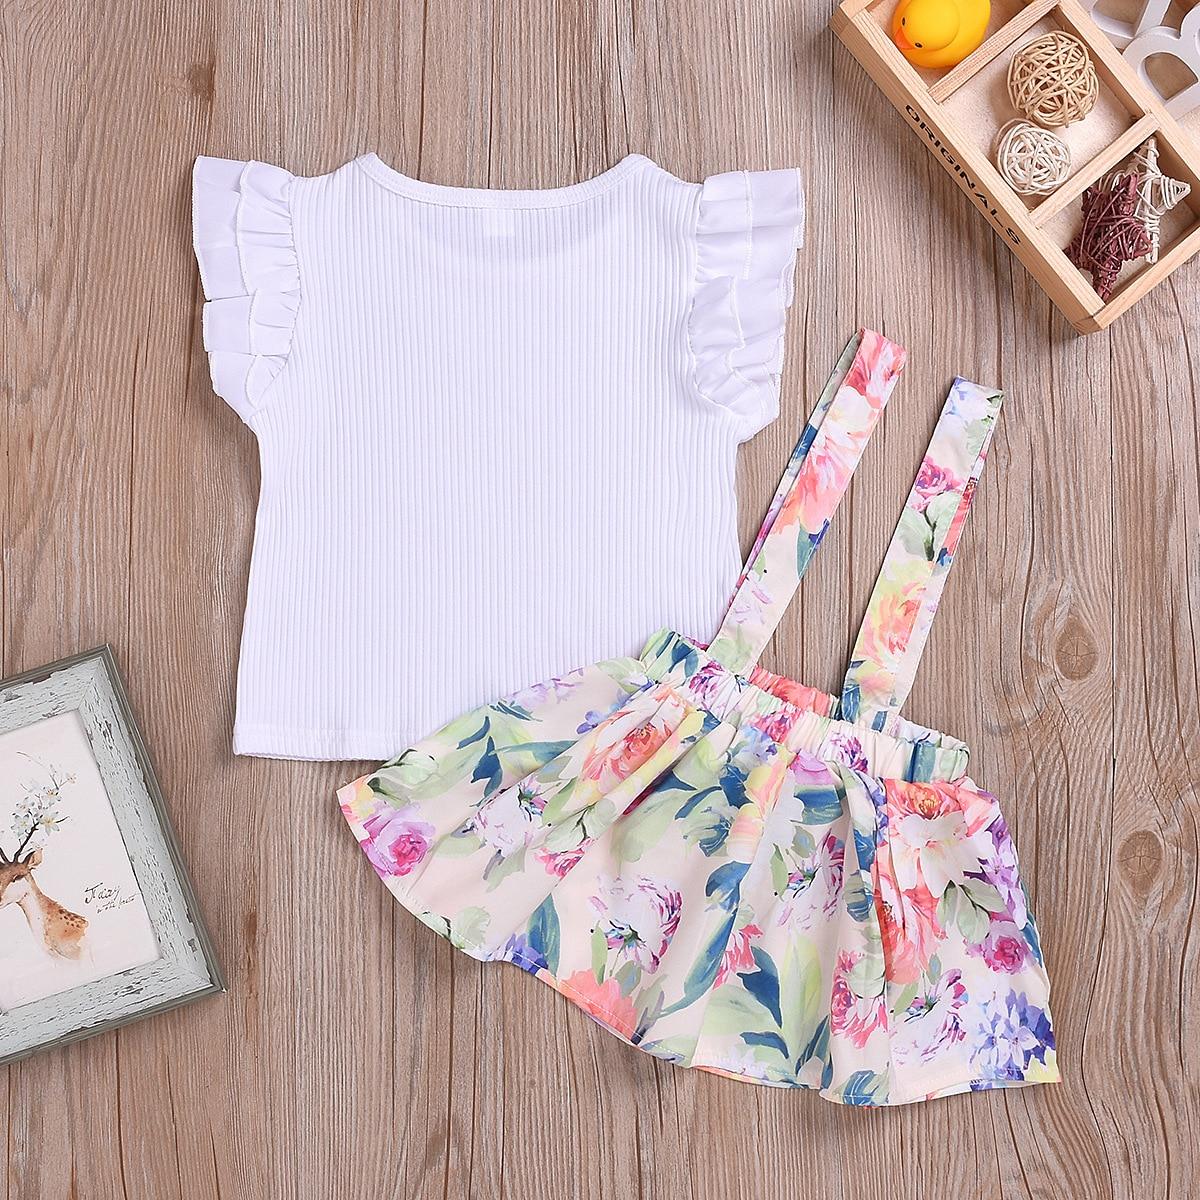 Cotton Printed Strap Dress Suit Girls Clothes L4.17 1